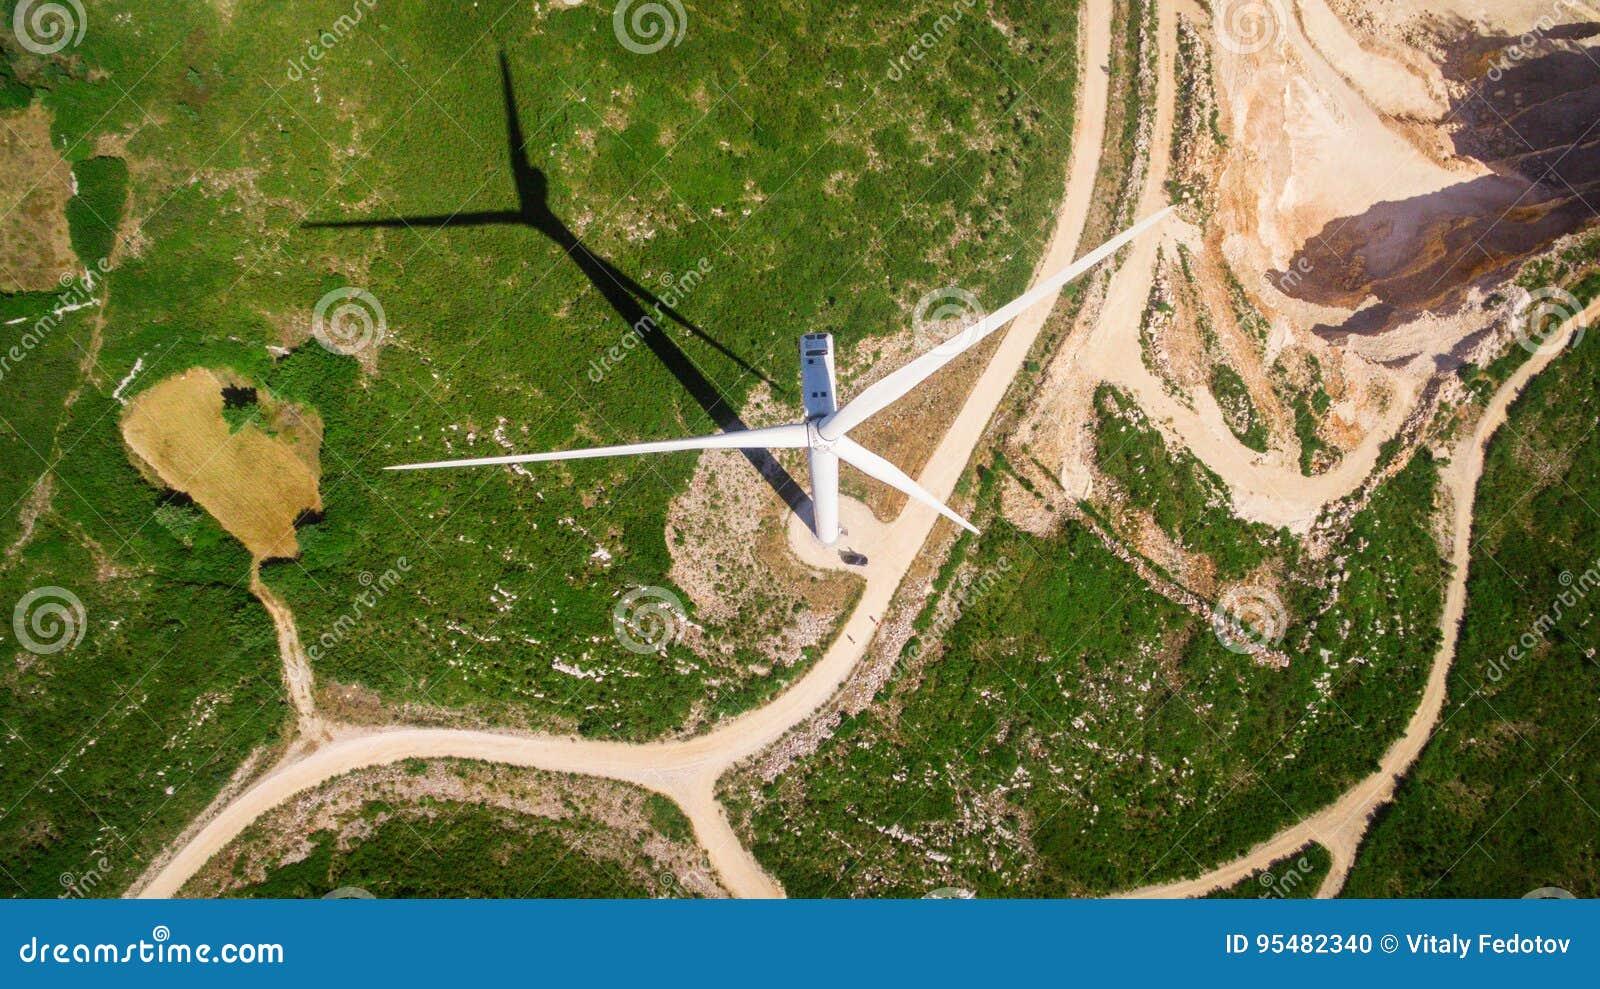 Samochód pod wiatraczkami generatorowymi na polu, Portugalia